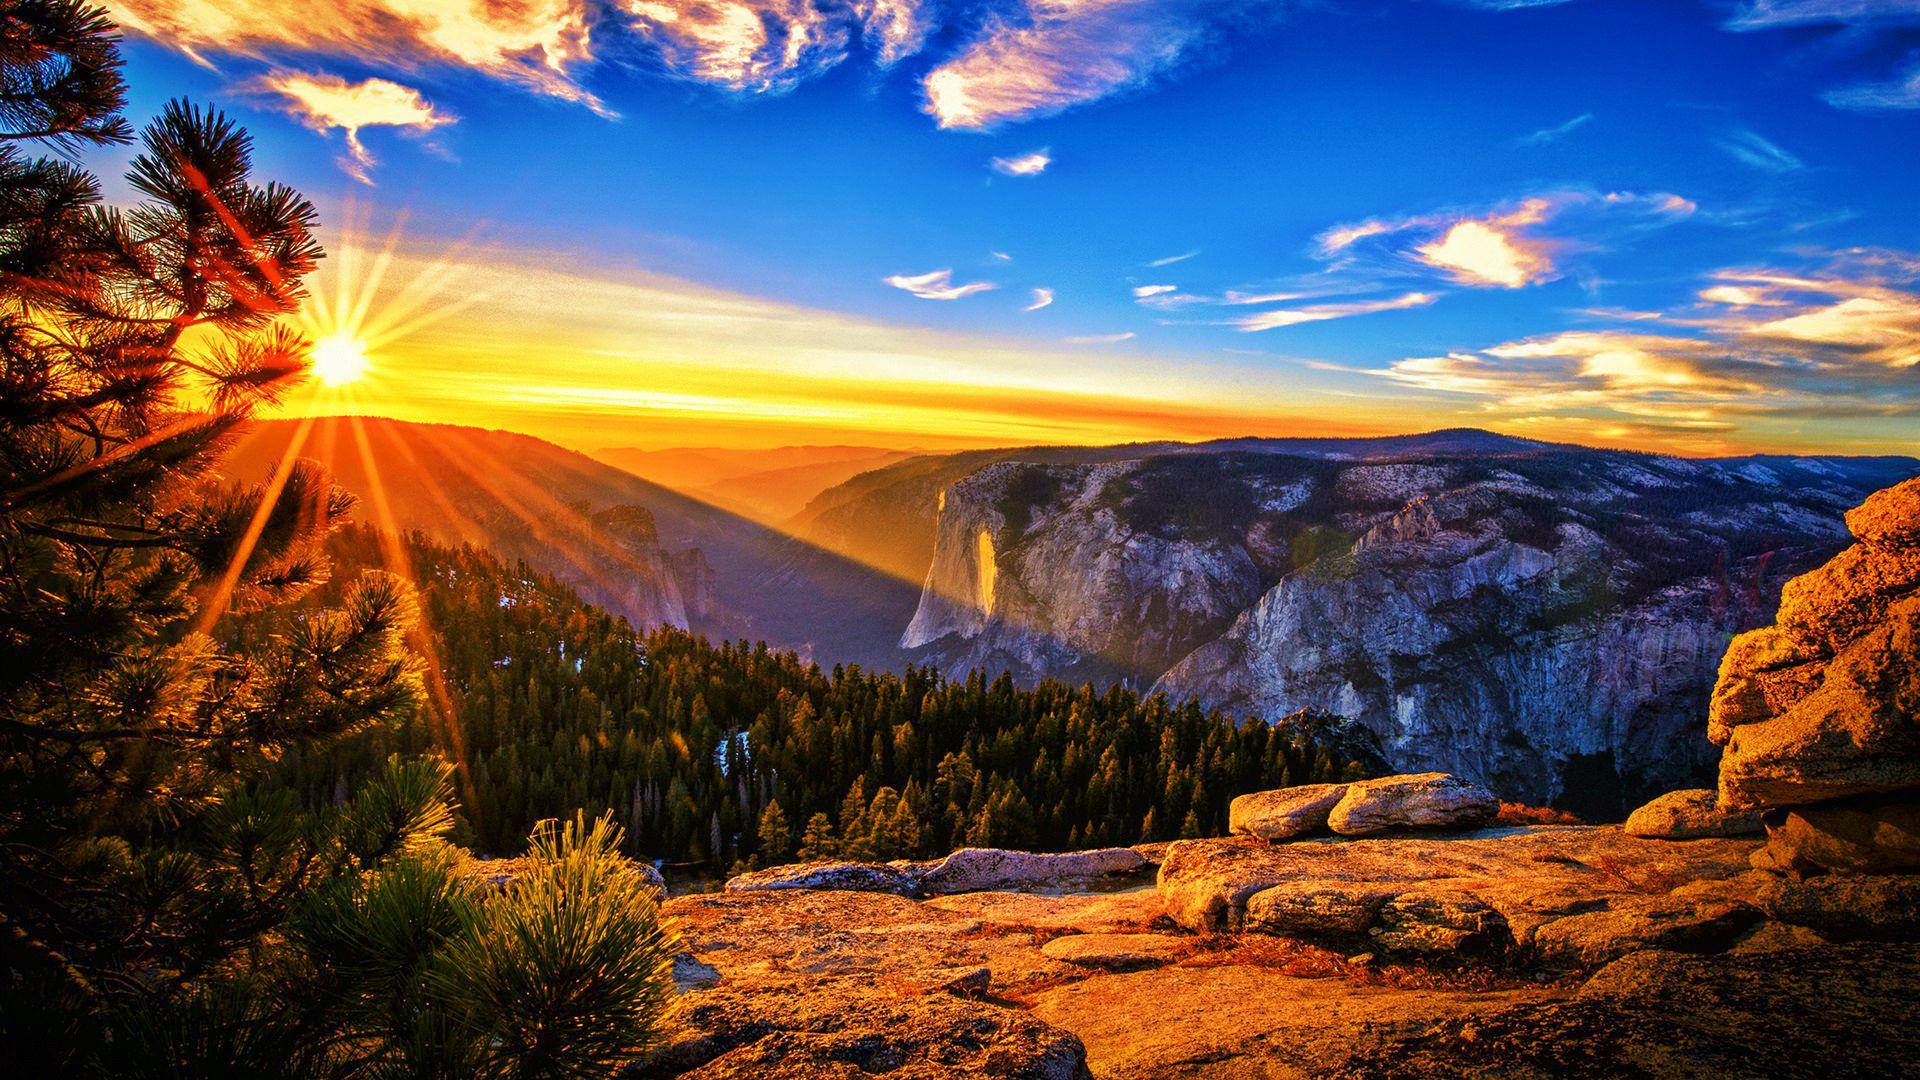 Hd Sunset Amp Sunrise Wallpapers Wallpapersafari